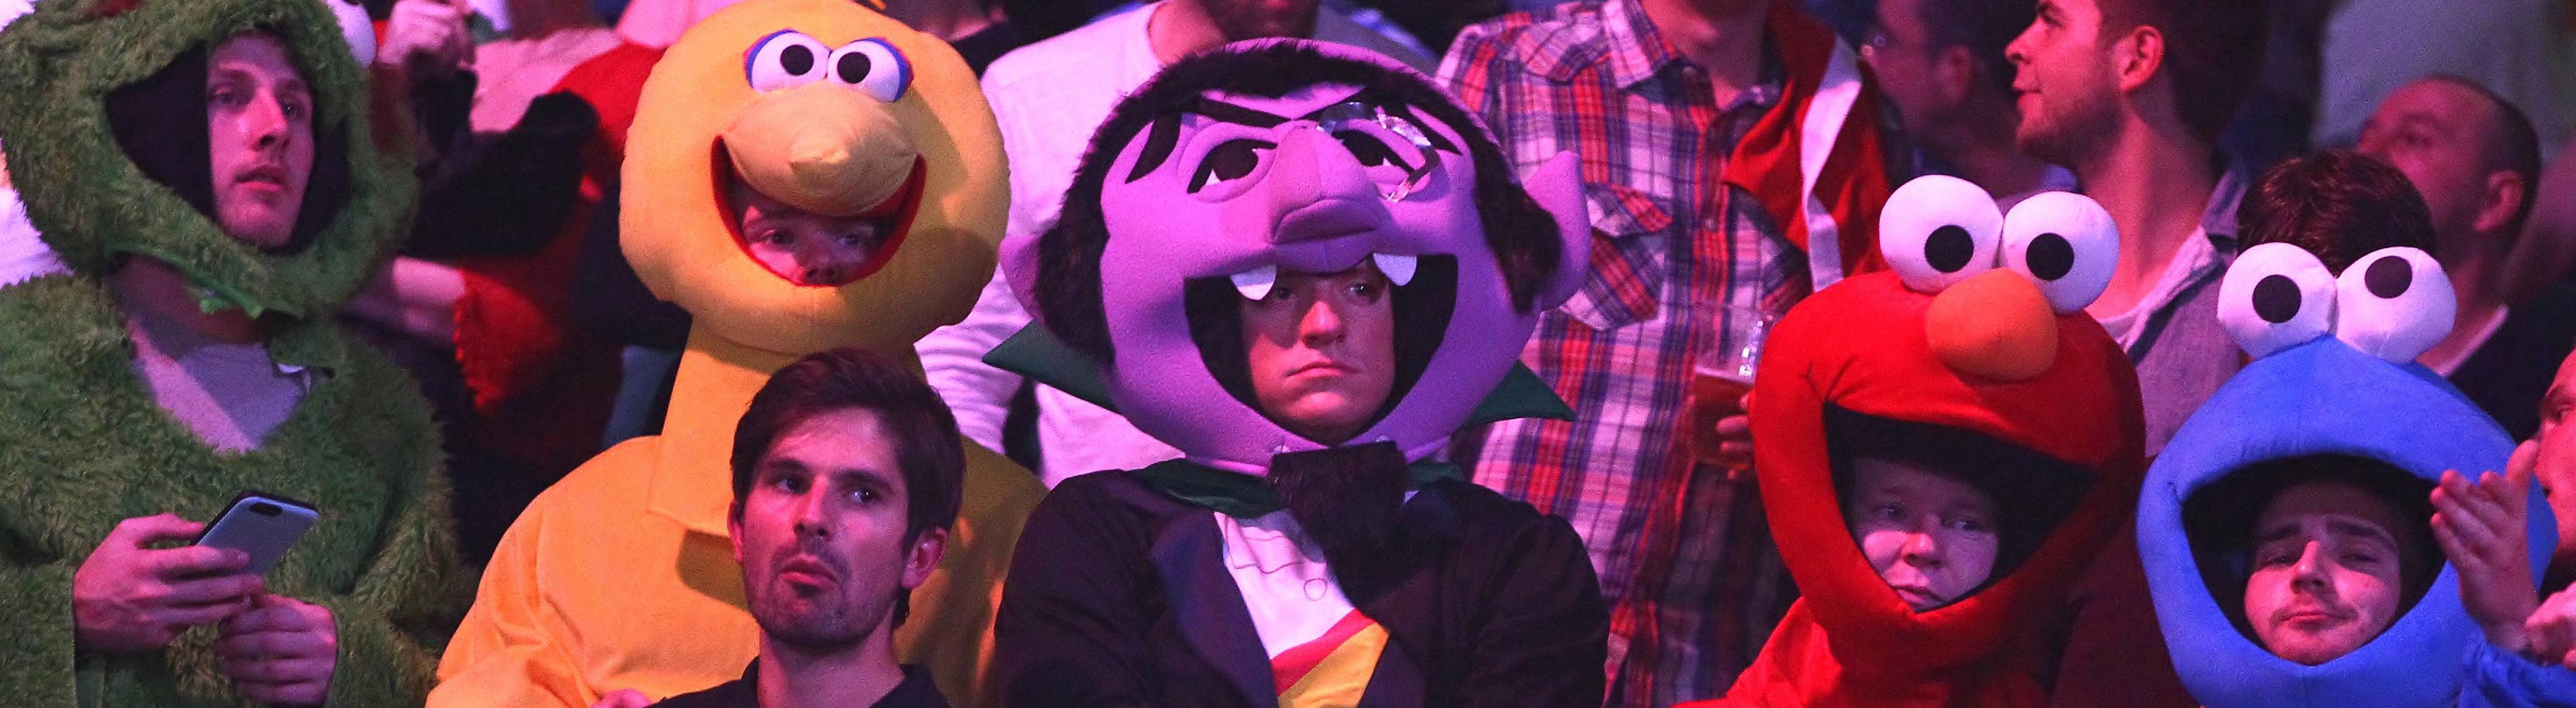 Fans bei der Darts-WM 2015 in London im Alexander Palace. Sie stecken in Ganzkörperkostümen.